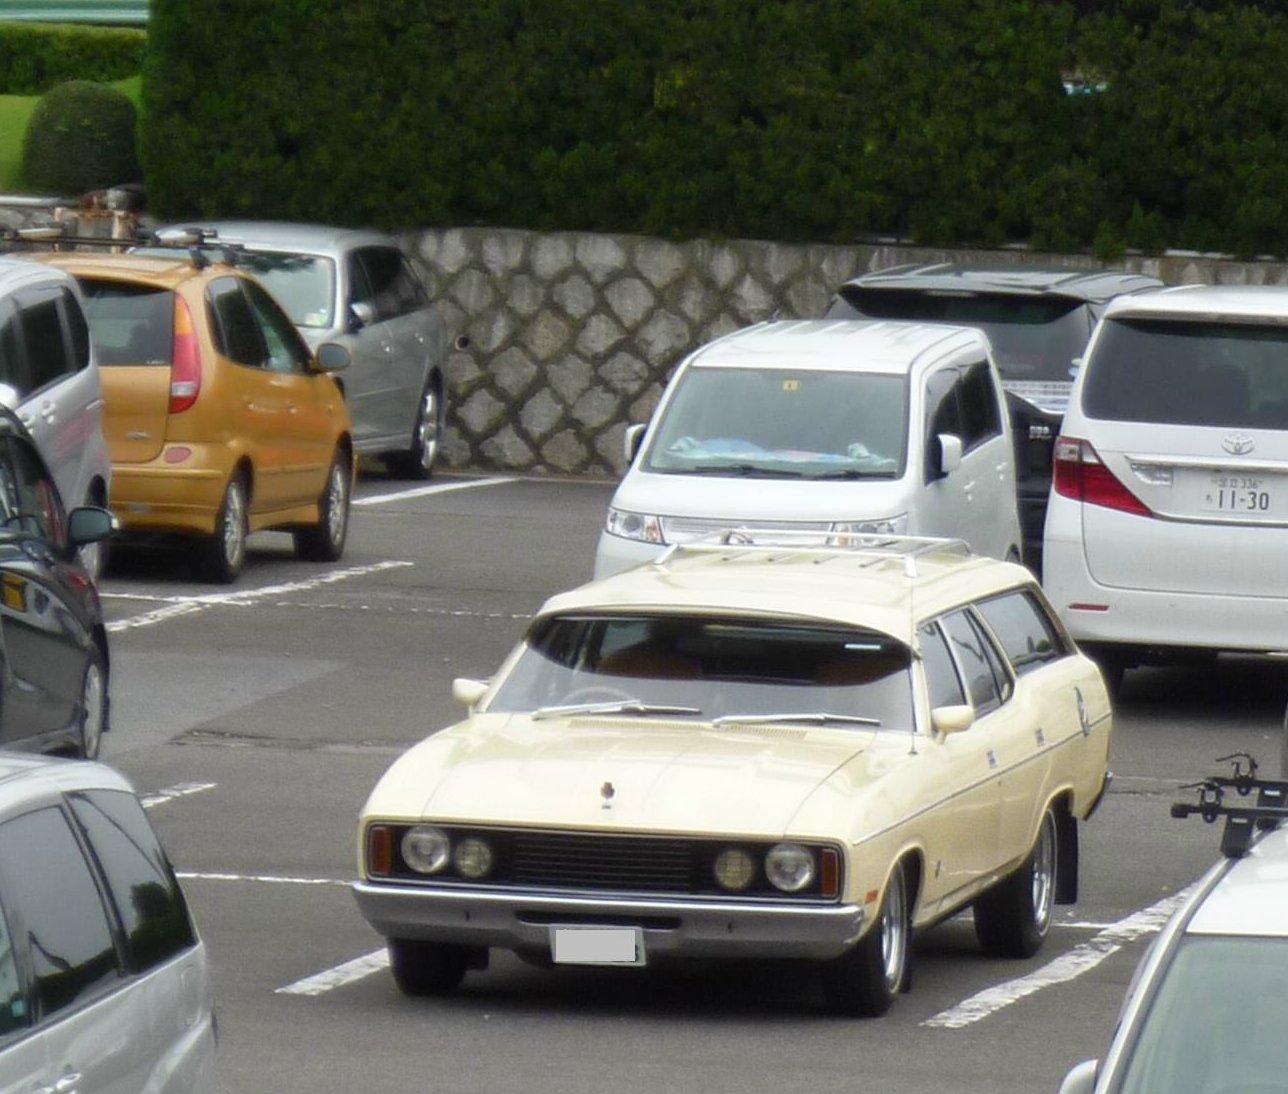 オーストラリア・フォード : TOKYO CAR WATCHING 東京カーウォッチング